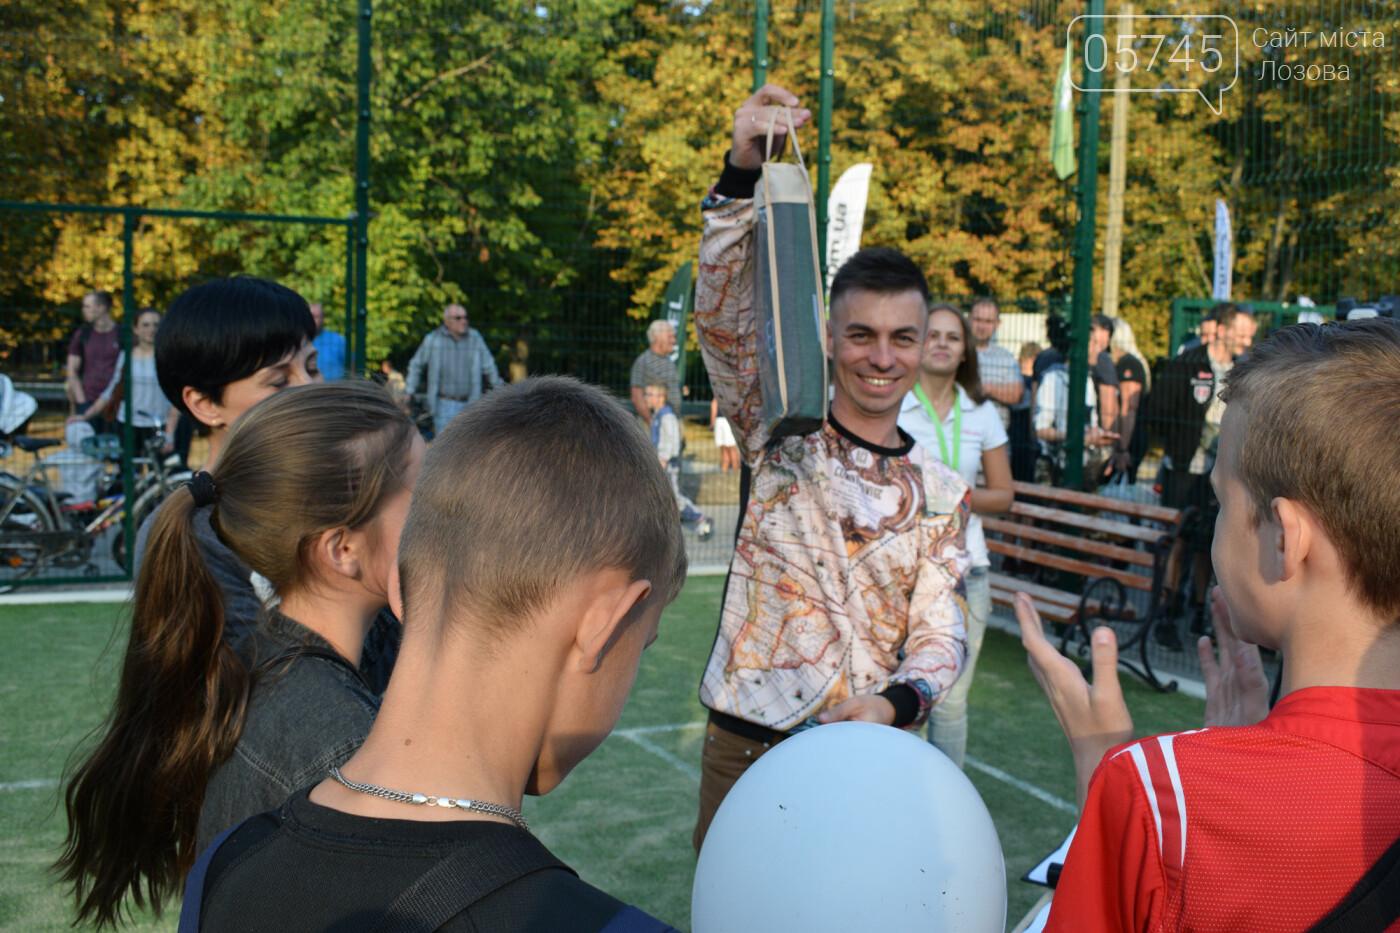 """Море драйва и зрелищ! В Лозовой состоялся первый спортивно-развлекательный фестиваль """"Park's Day"""", фото-96"""